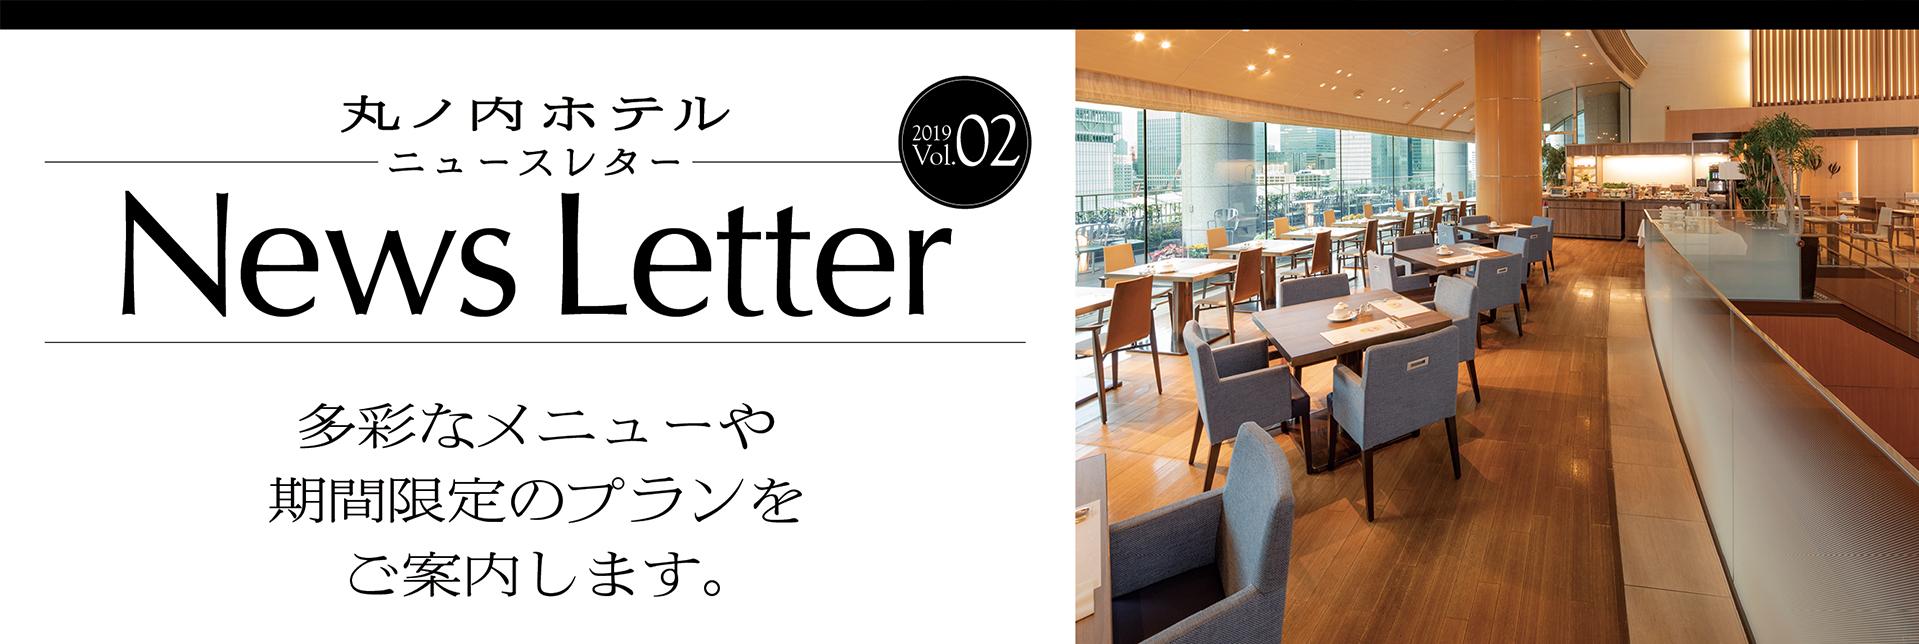 丸の内ホテルニュースレター